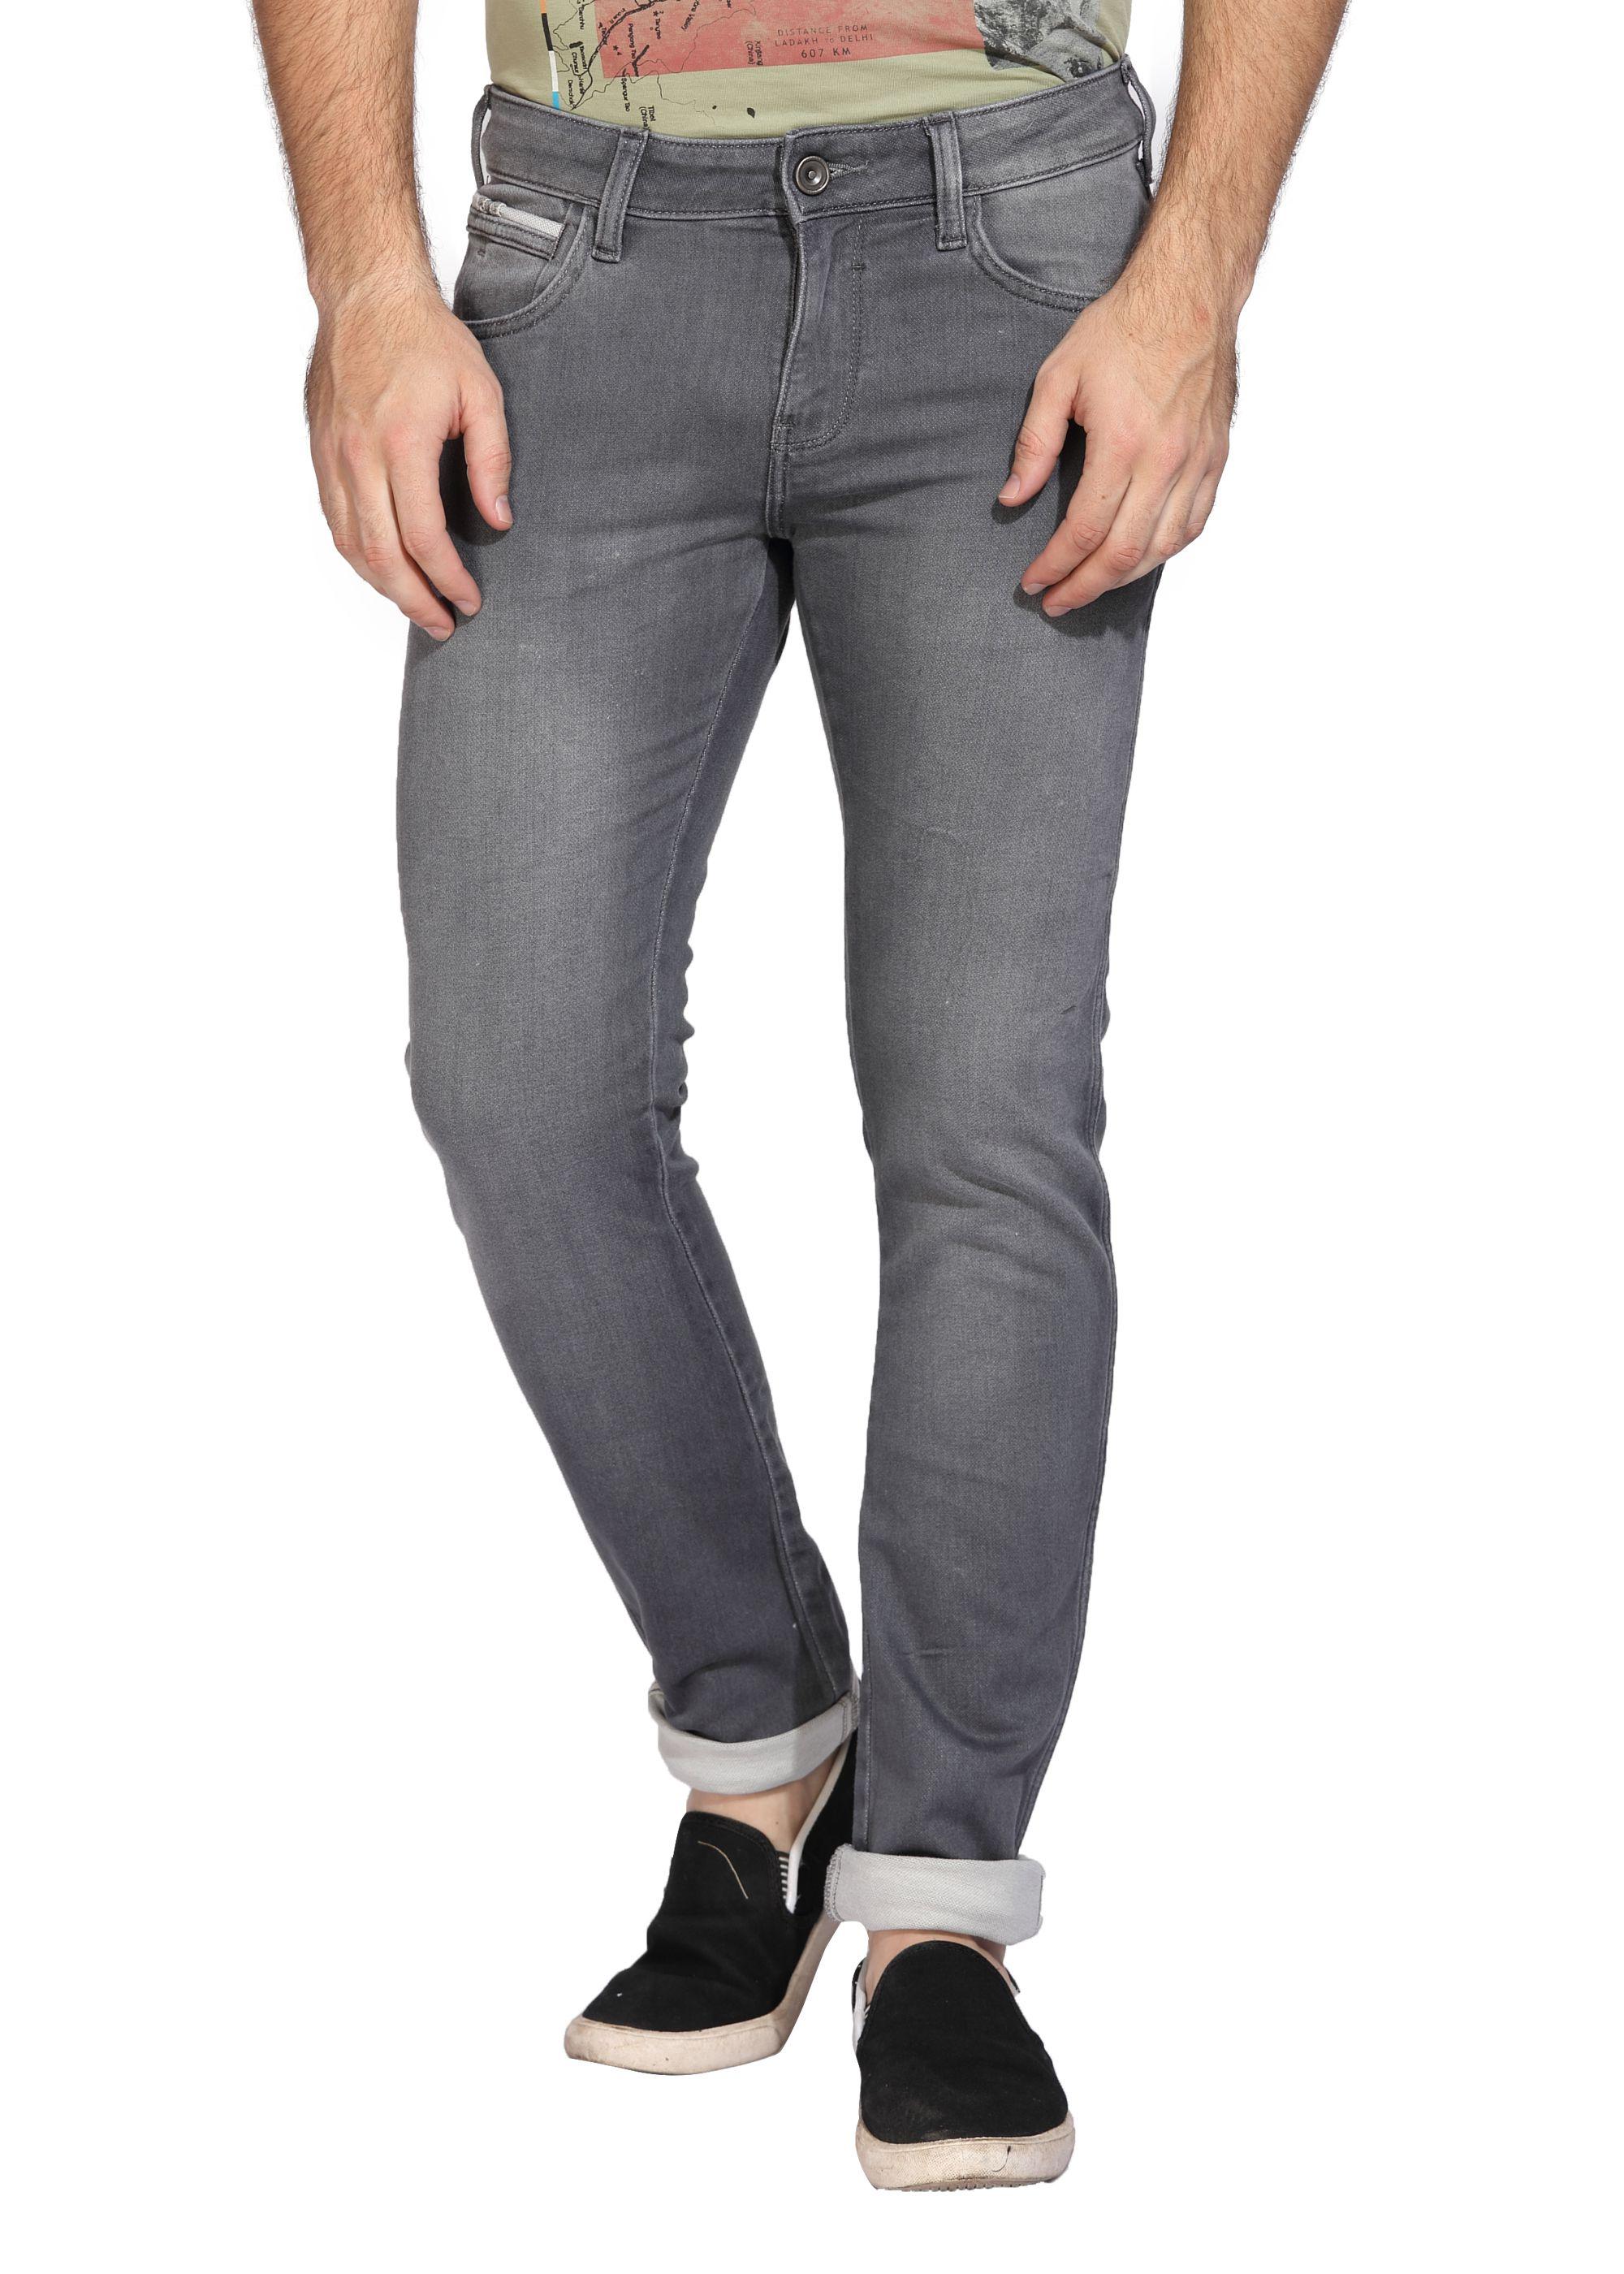 Wrangler Grey Skinny Jeans